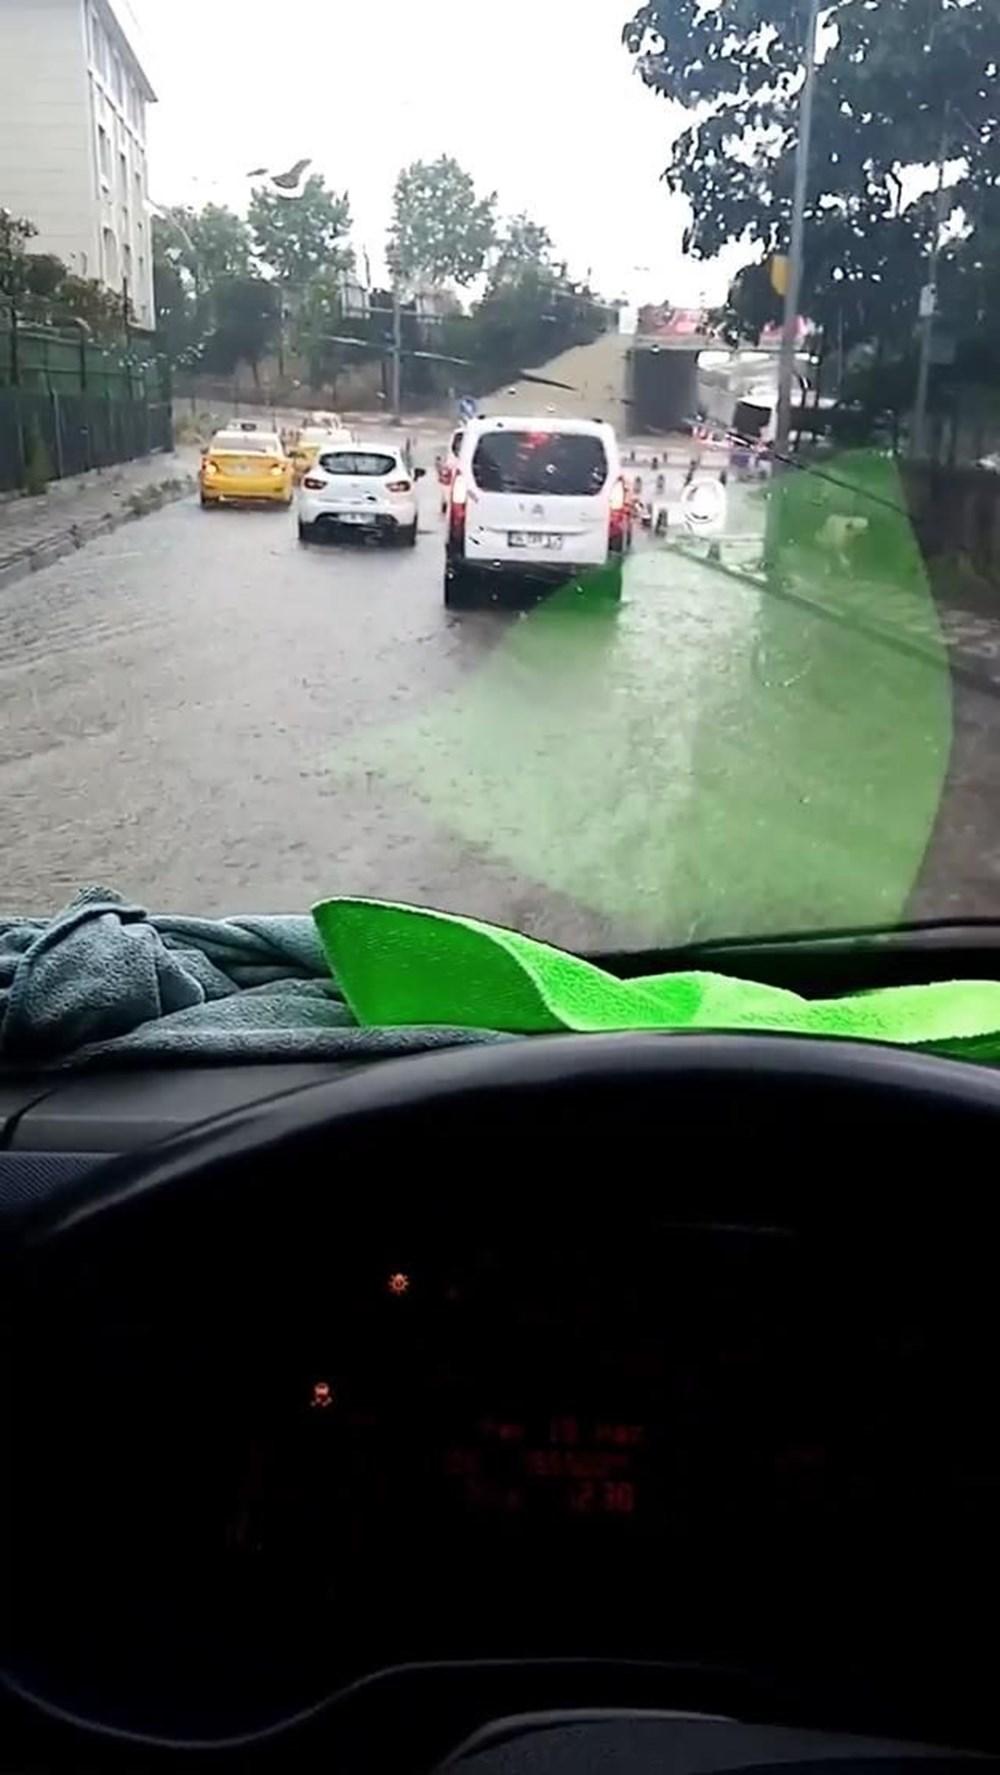 İstanbul'da şiddetli yağış ve dolu - 8